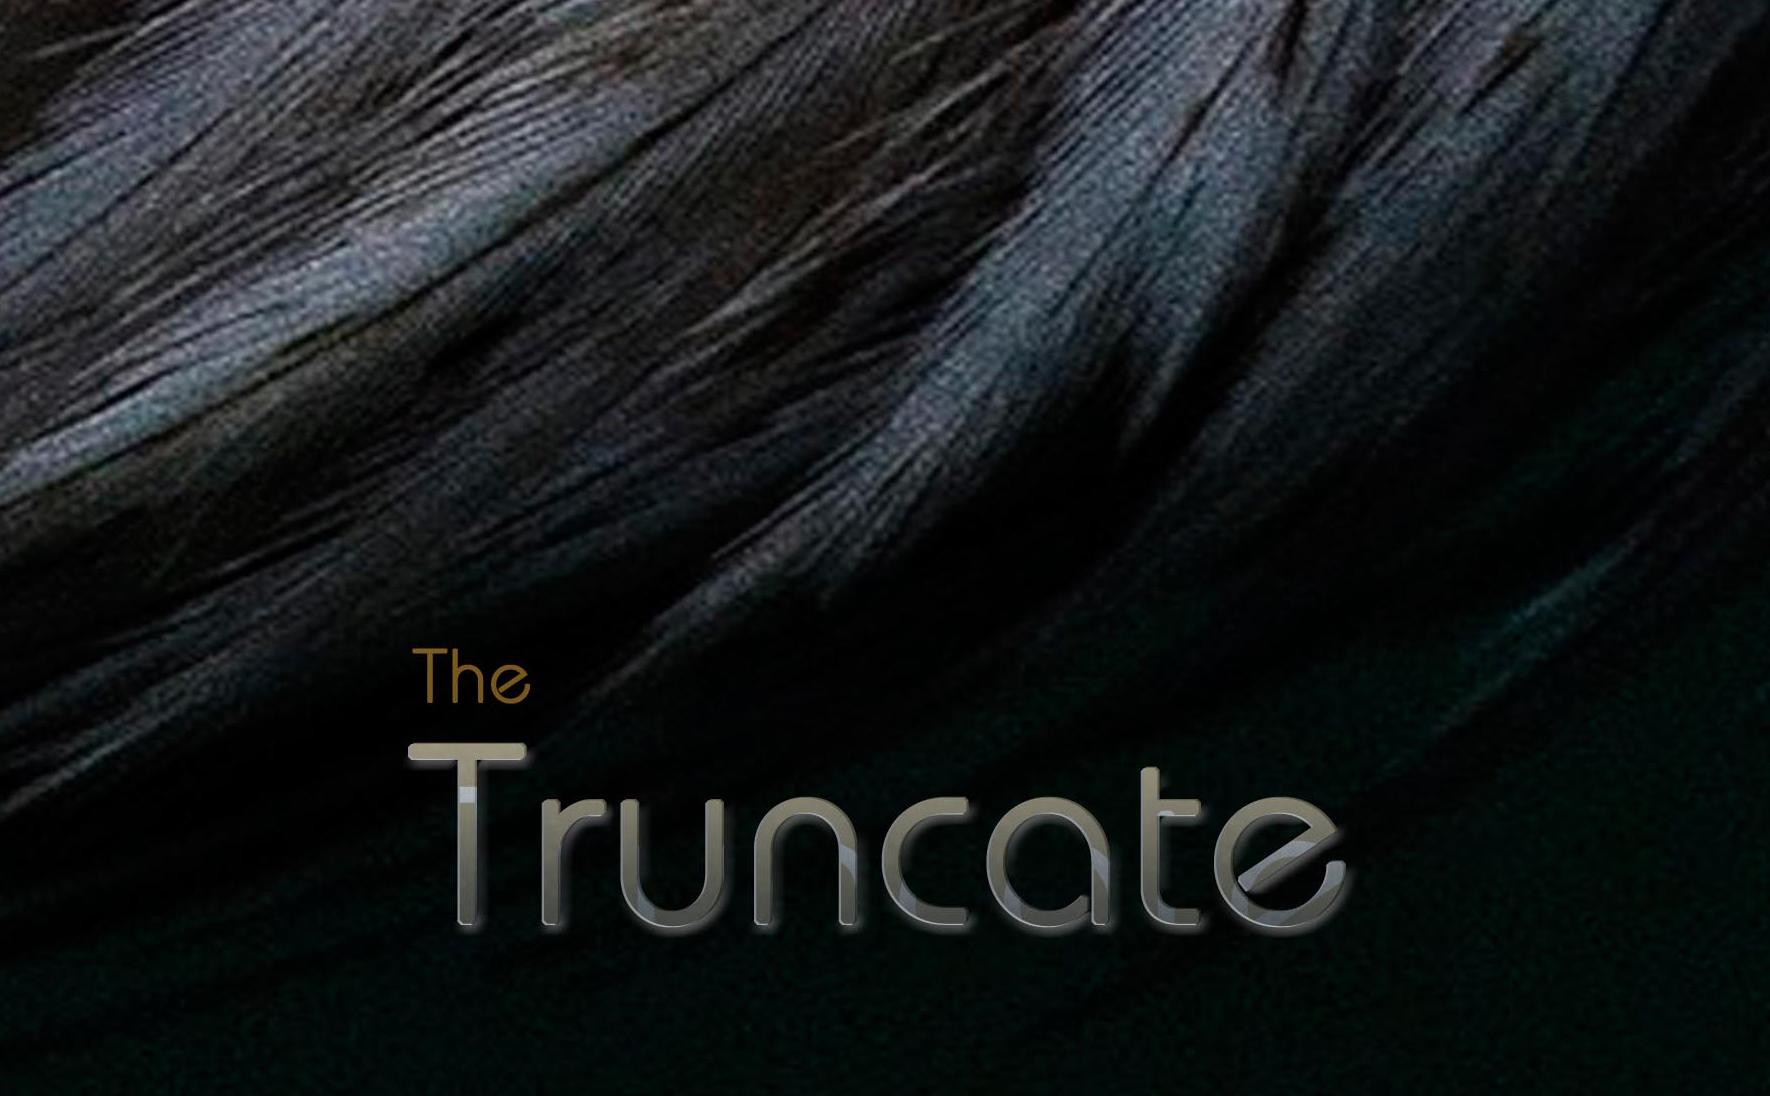 The Truncate